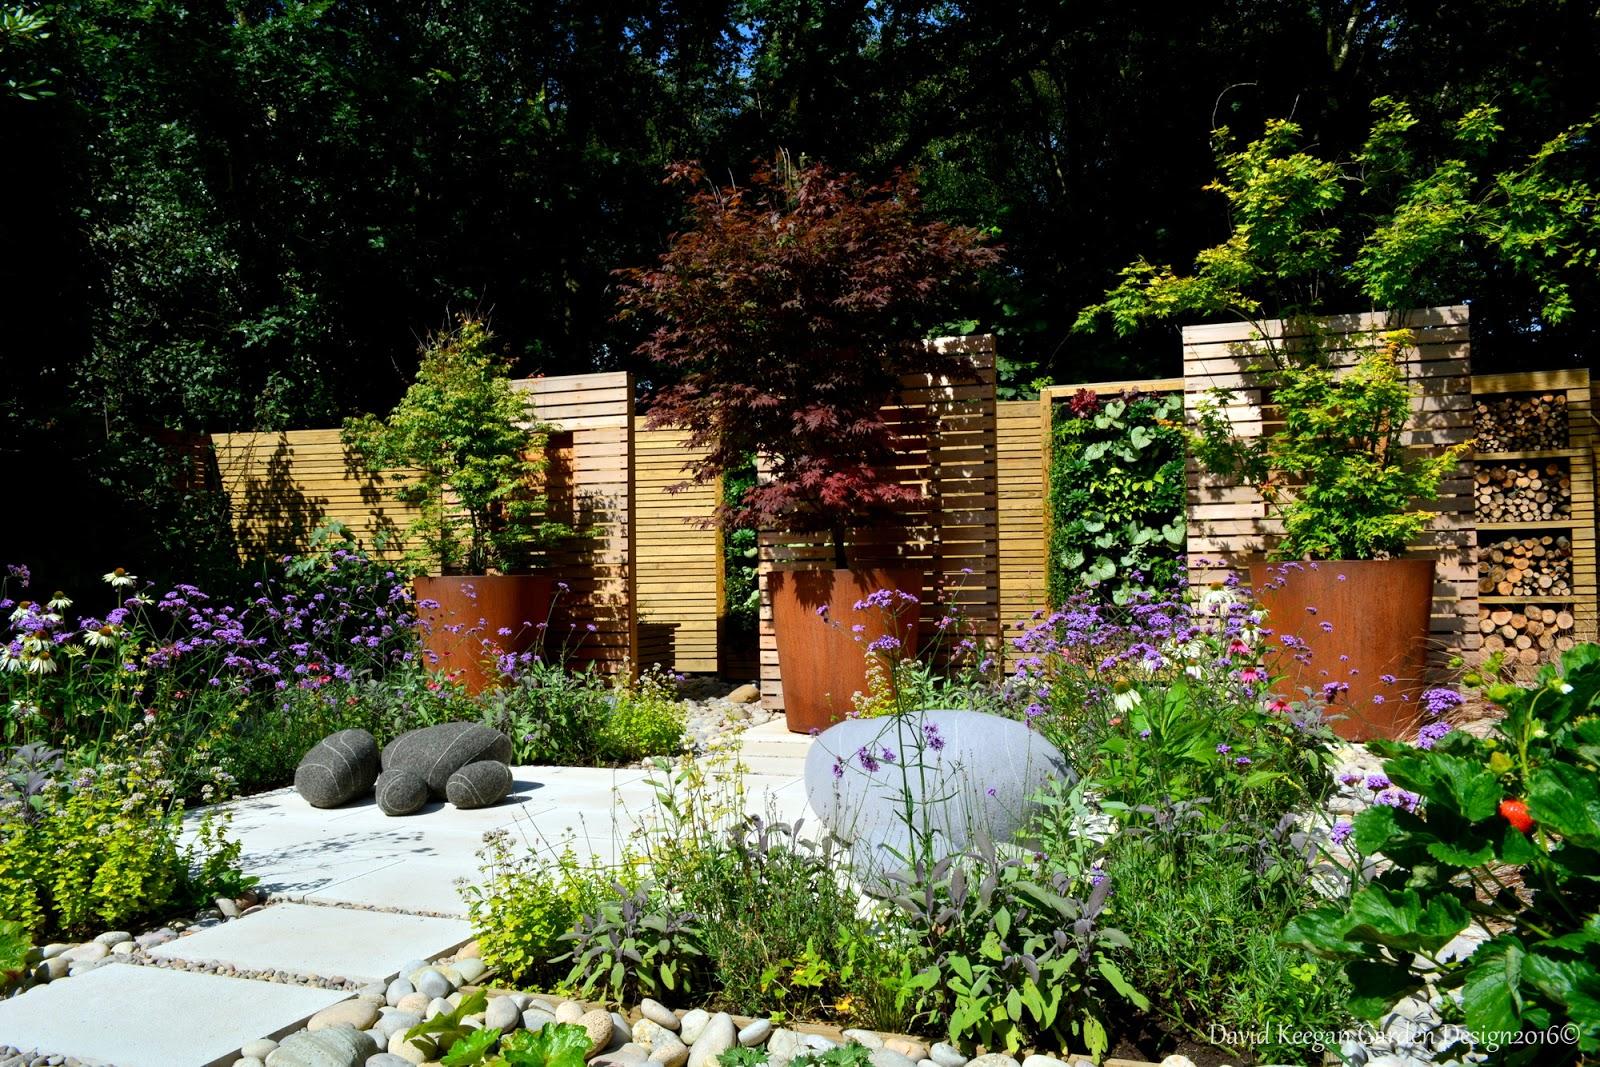 David Keegans Garden Design Blog: Eco Garden Design ...